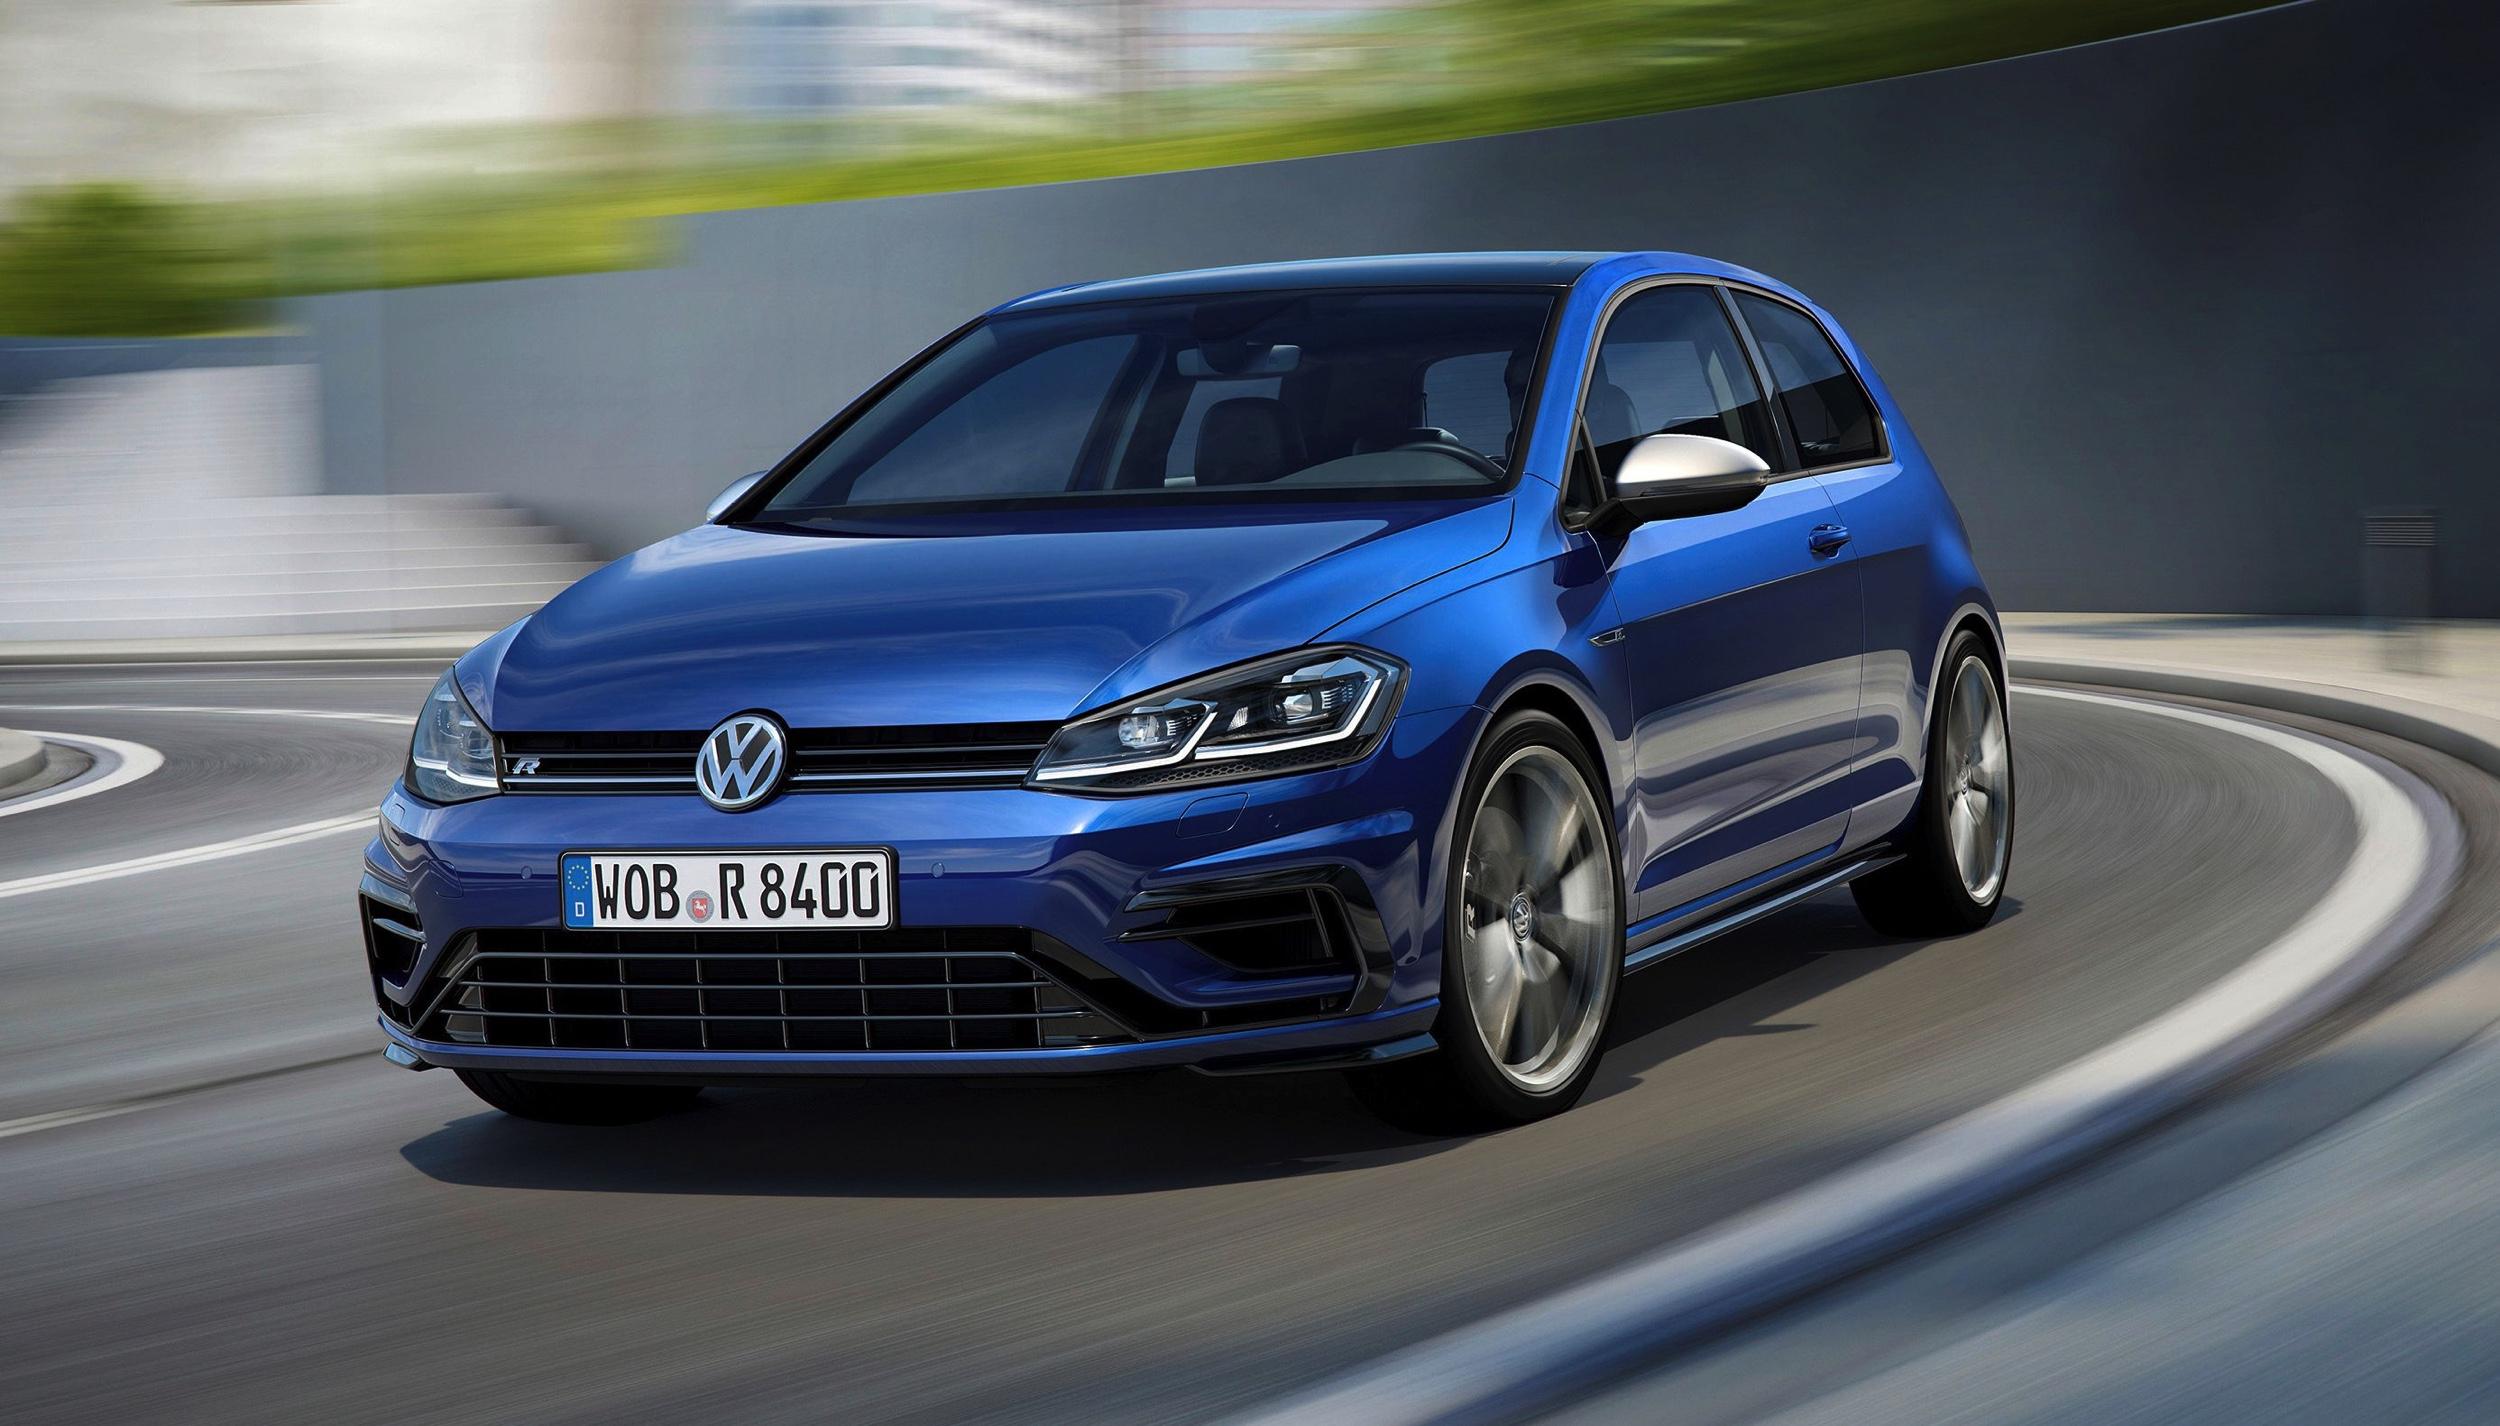 Volkswagen Golf R - Autovisie.nl